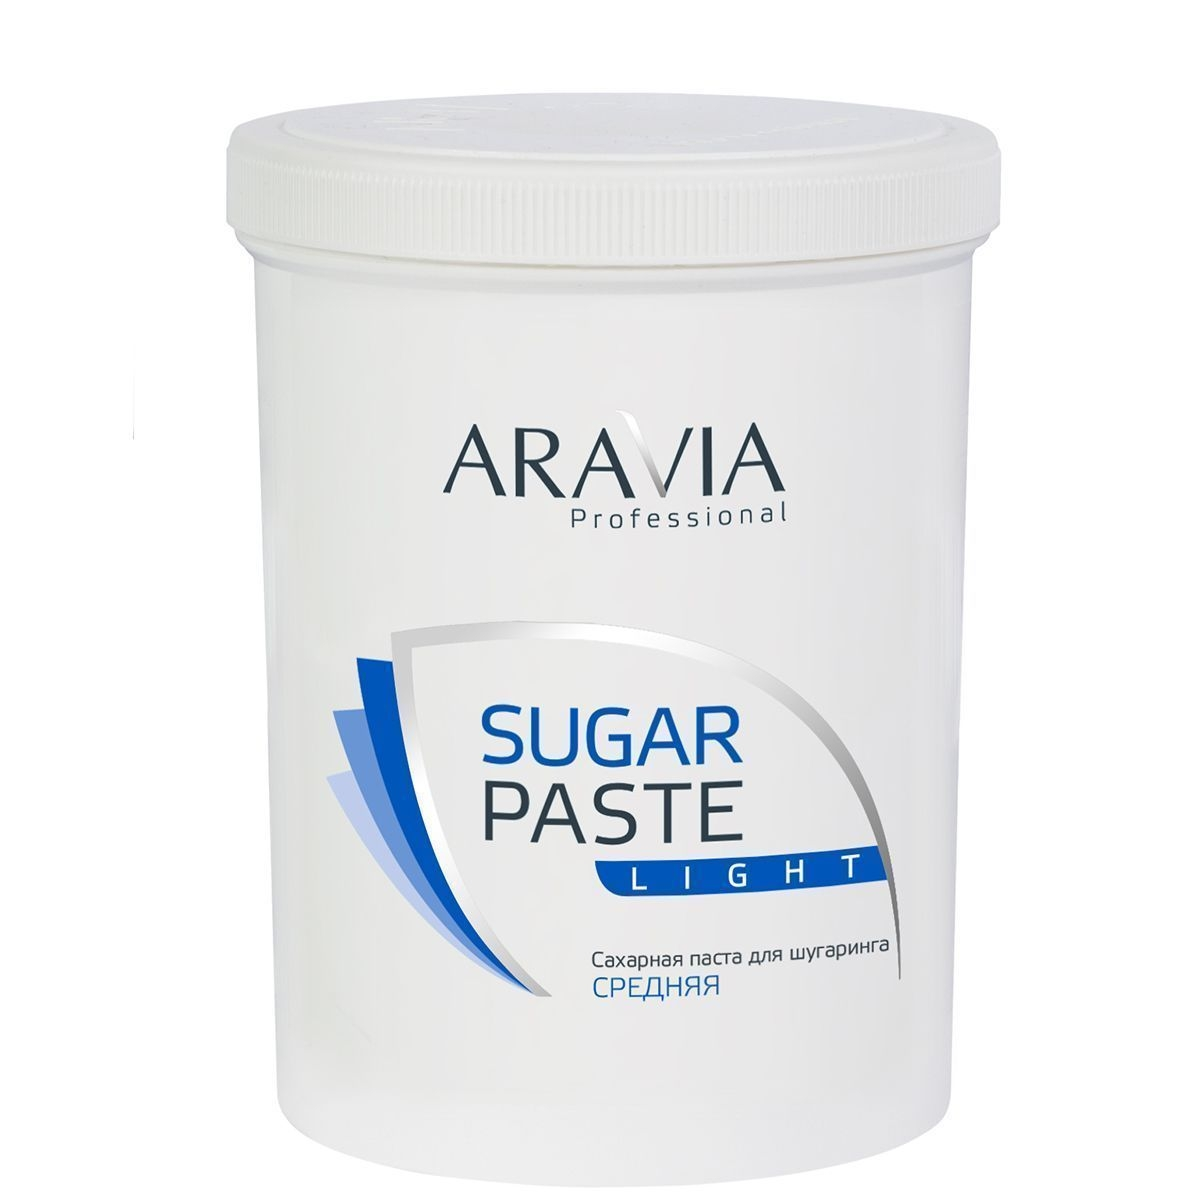 ARAVIA Сахарная Sugar Paste Паста для Депиляции Легкая Средней Консистенции, 1500г